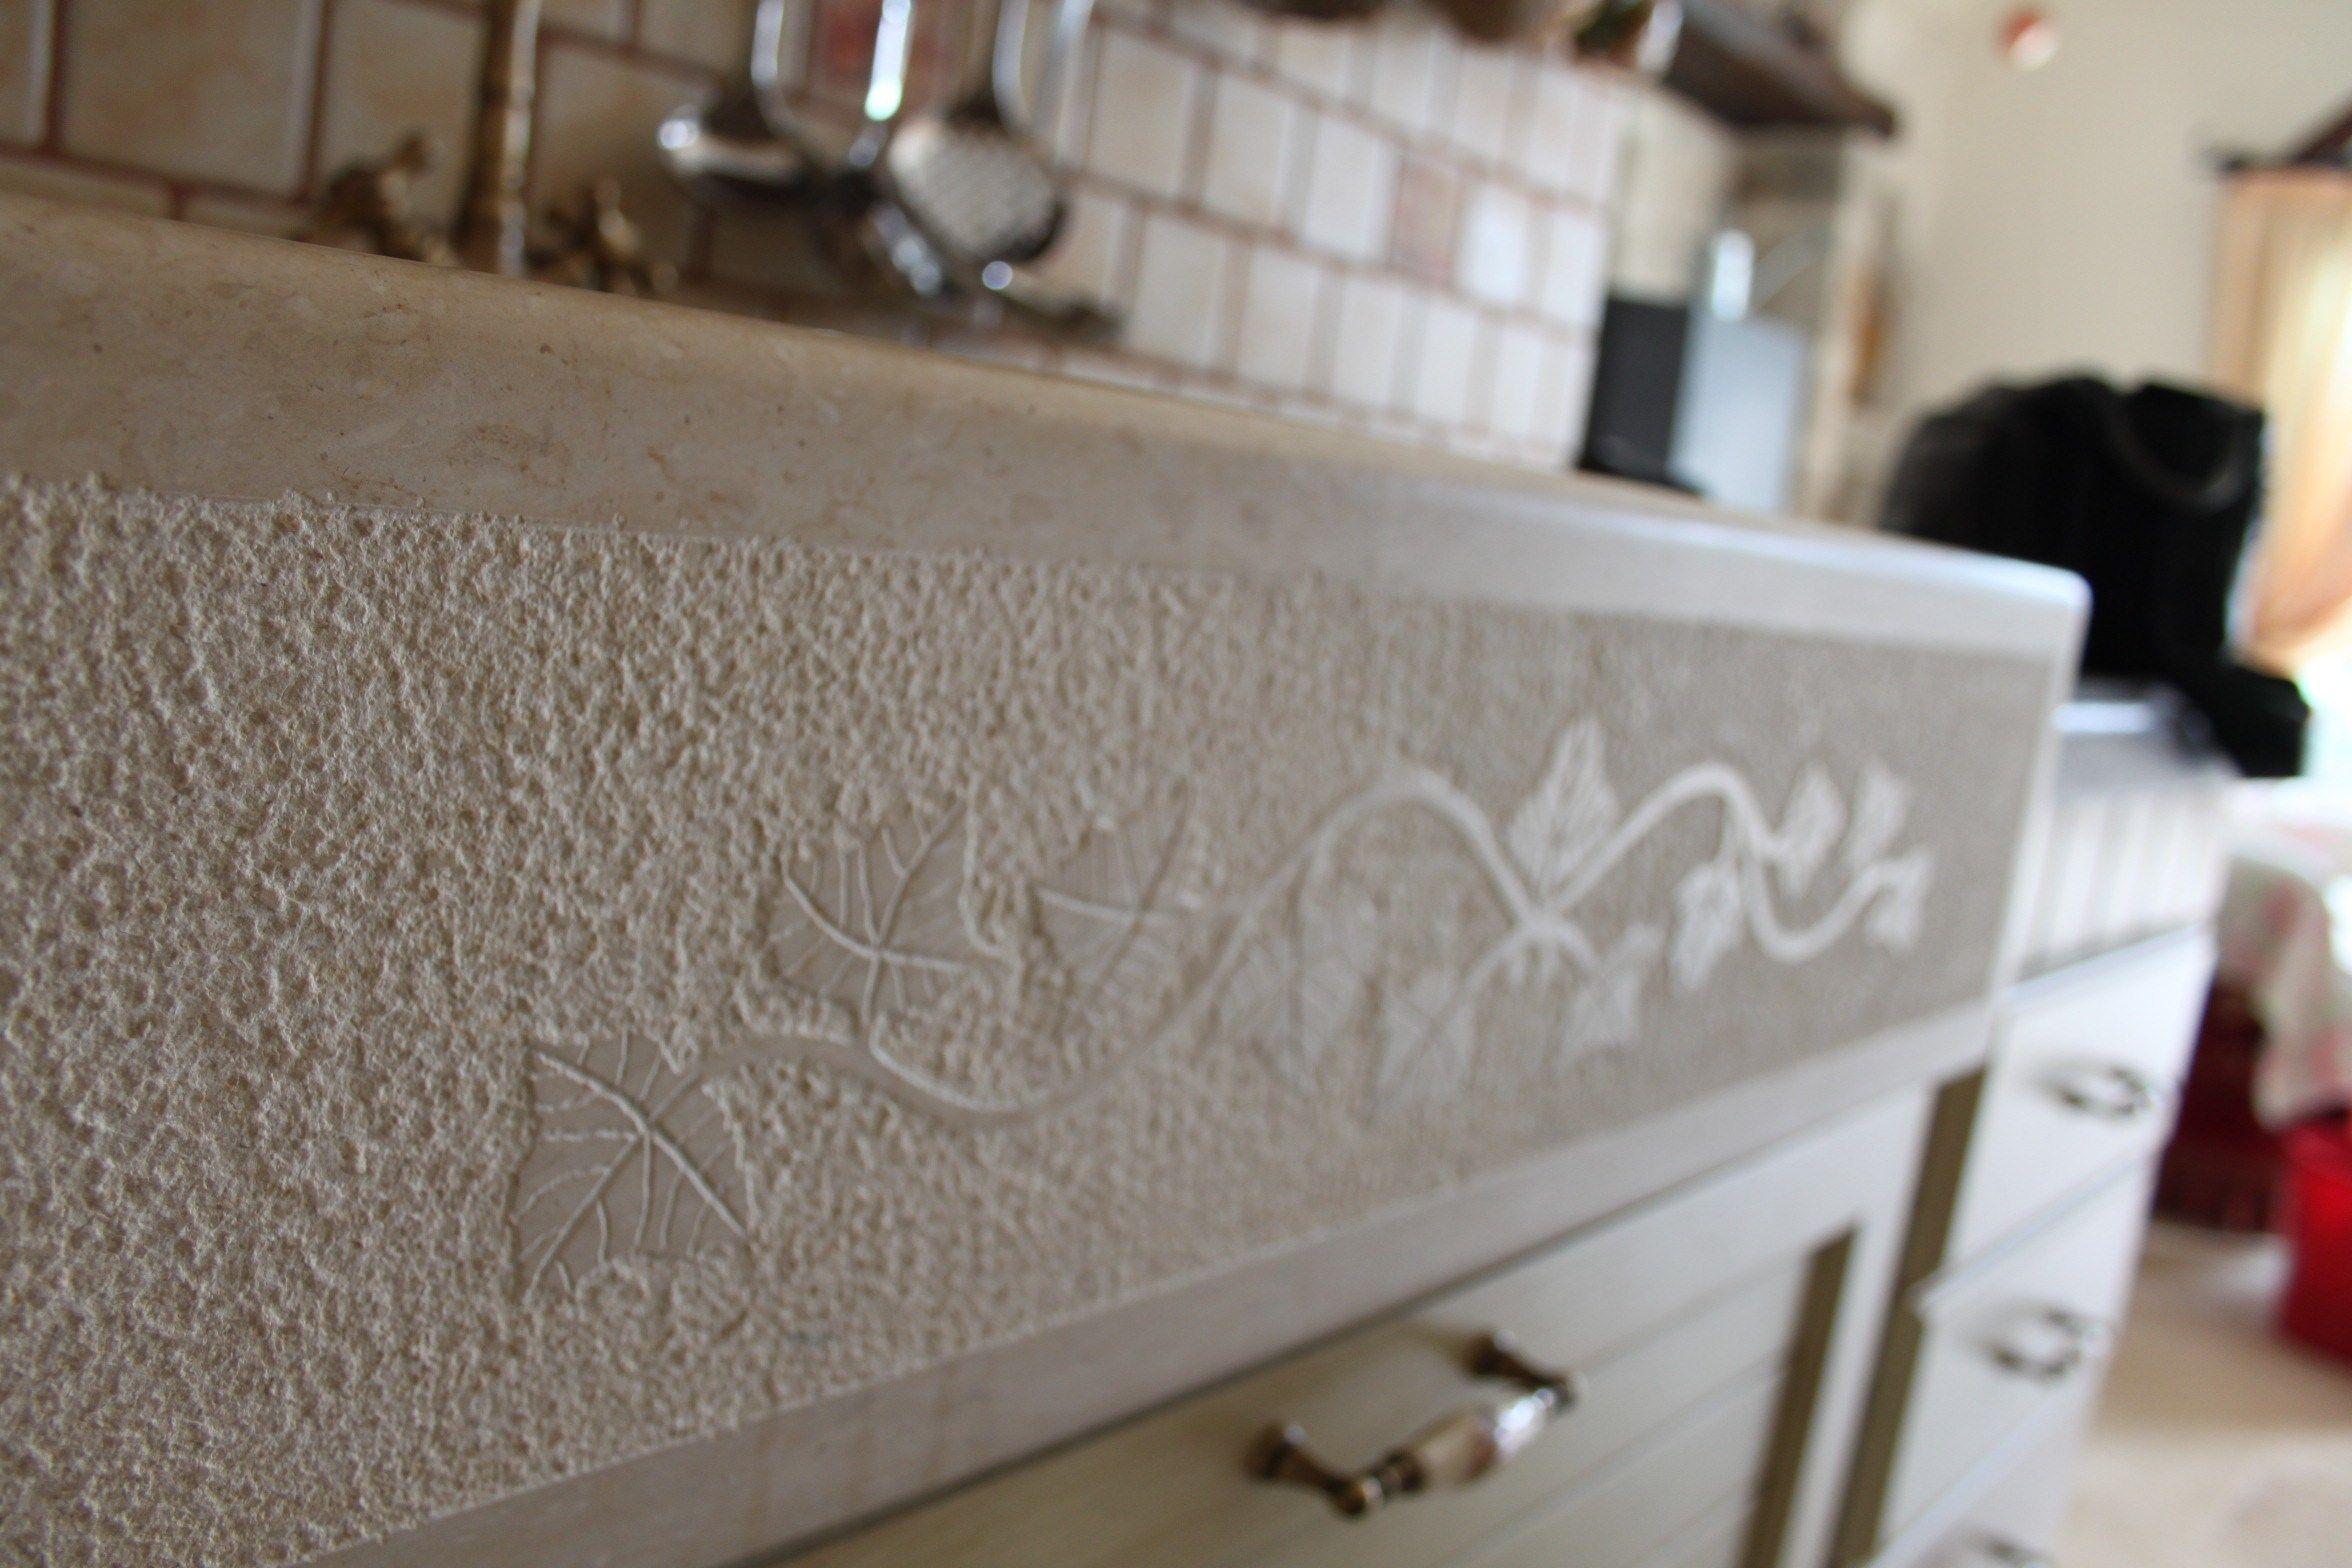 Lavello a una vasca by sgarlata emanuele & c. design sgarlata & c.